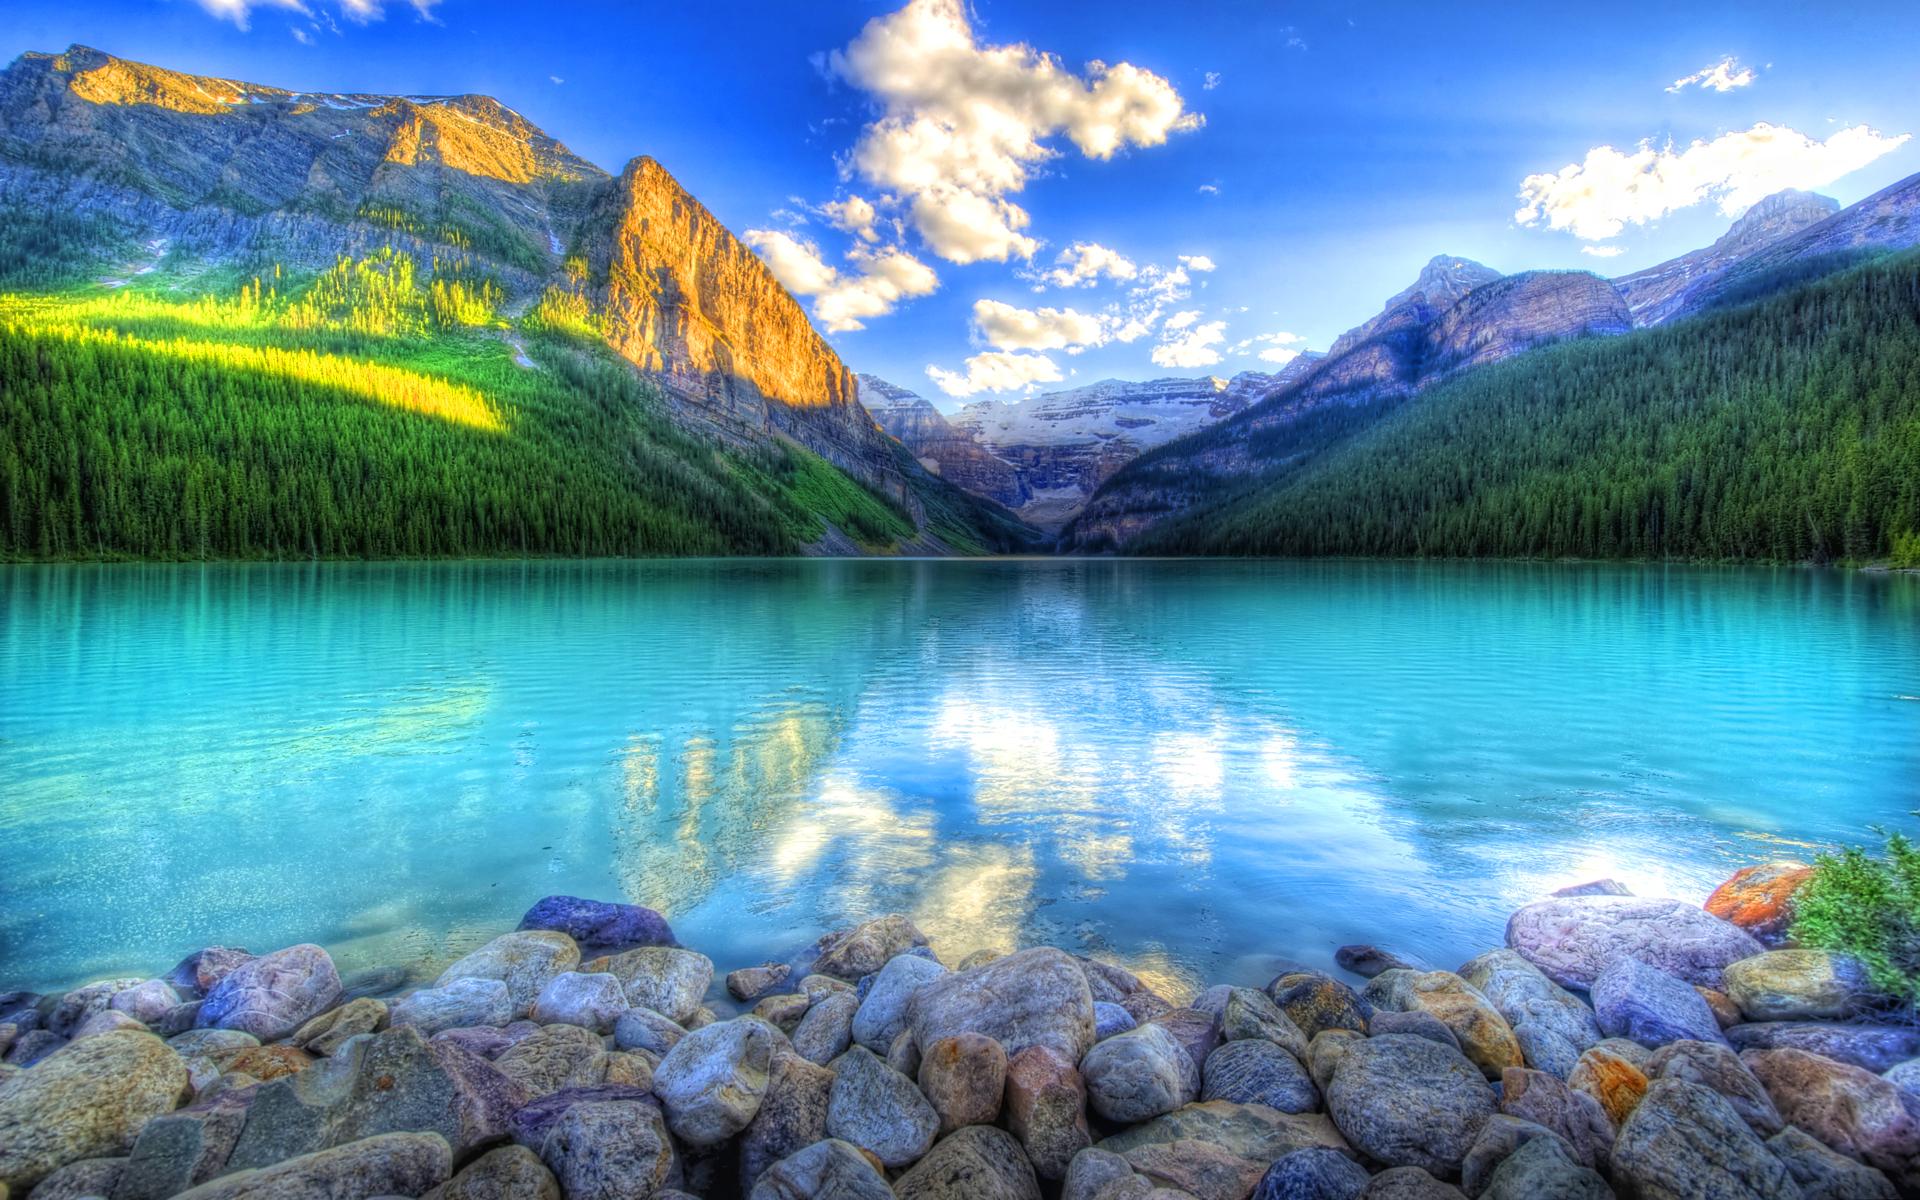 4k Hd Wallapaper: Mountain Wallpaper Scenery - HD Desktop Wallpapers